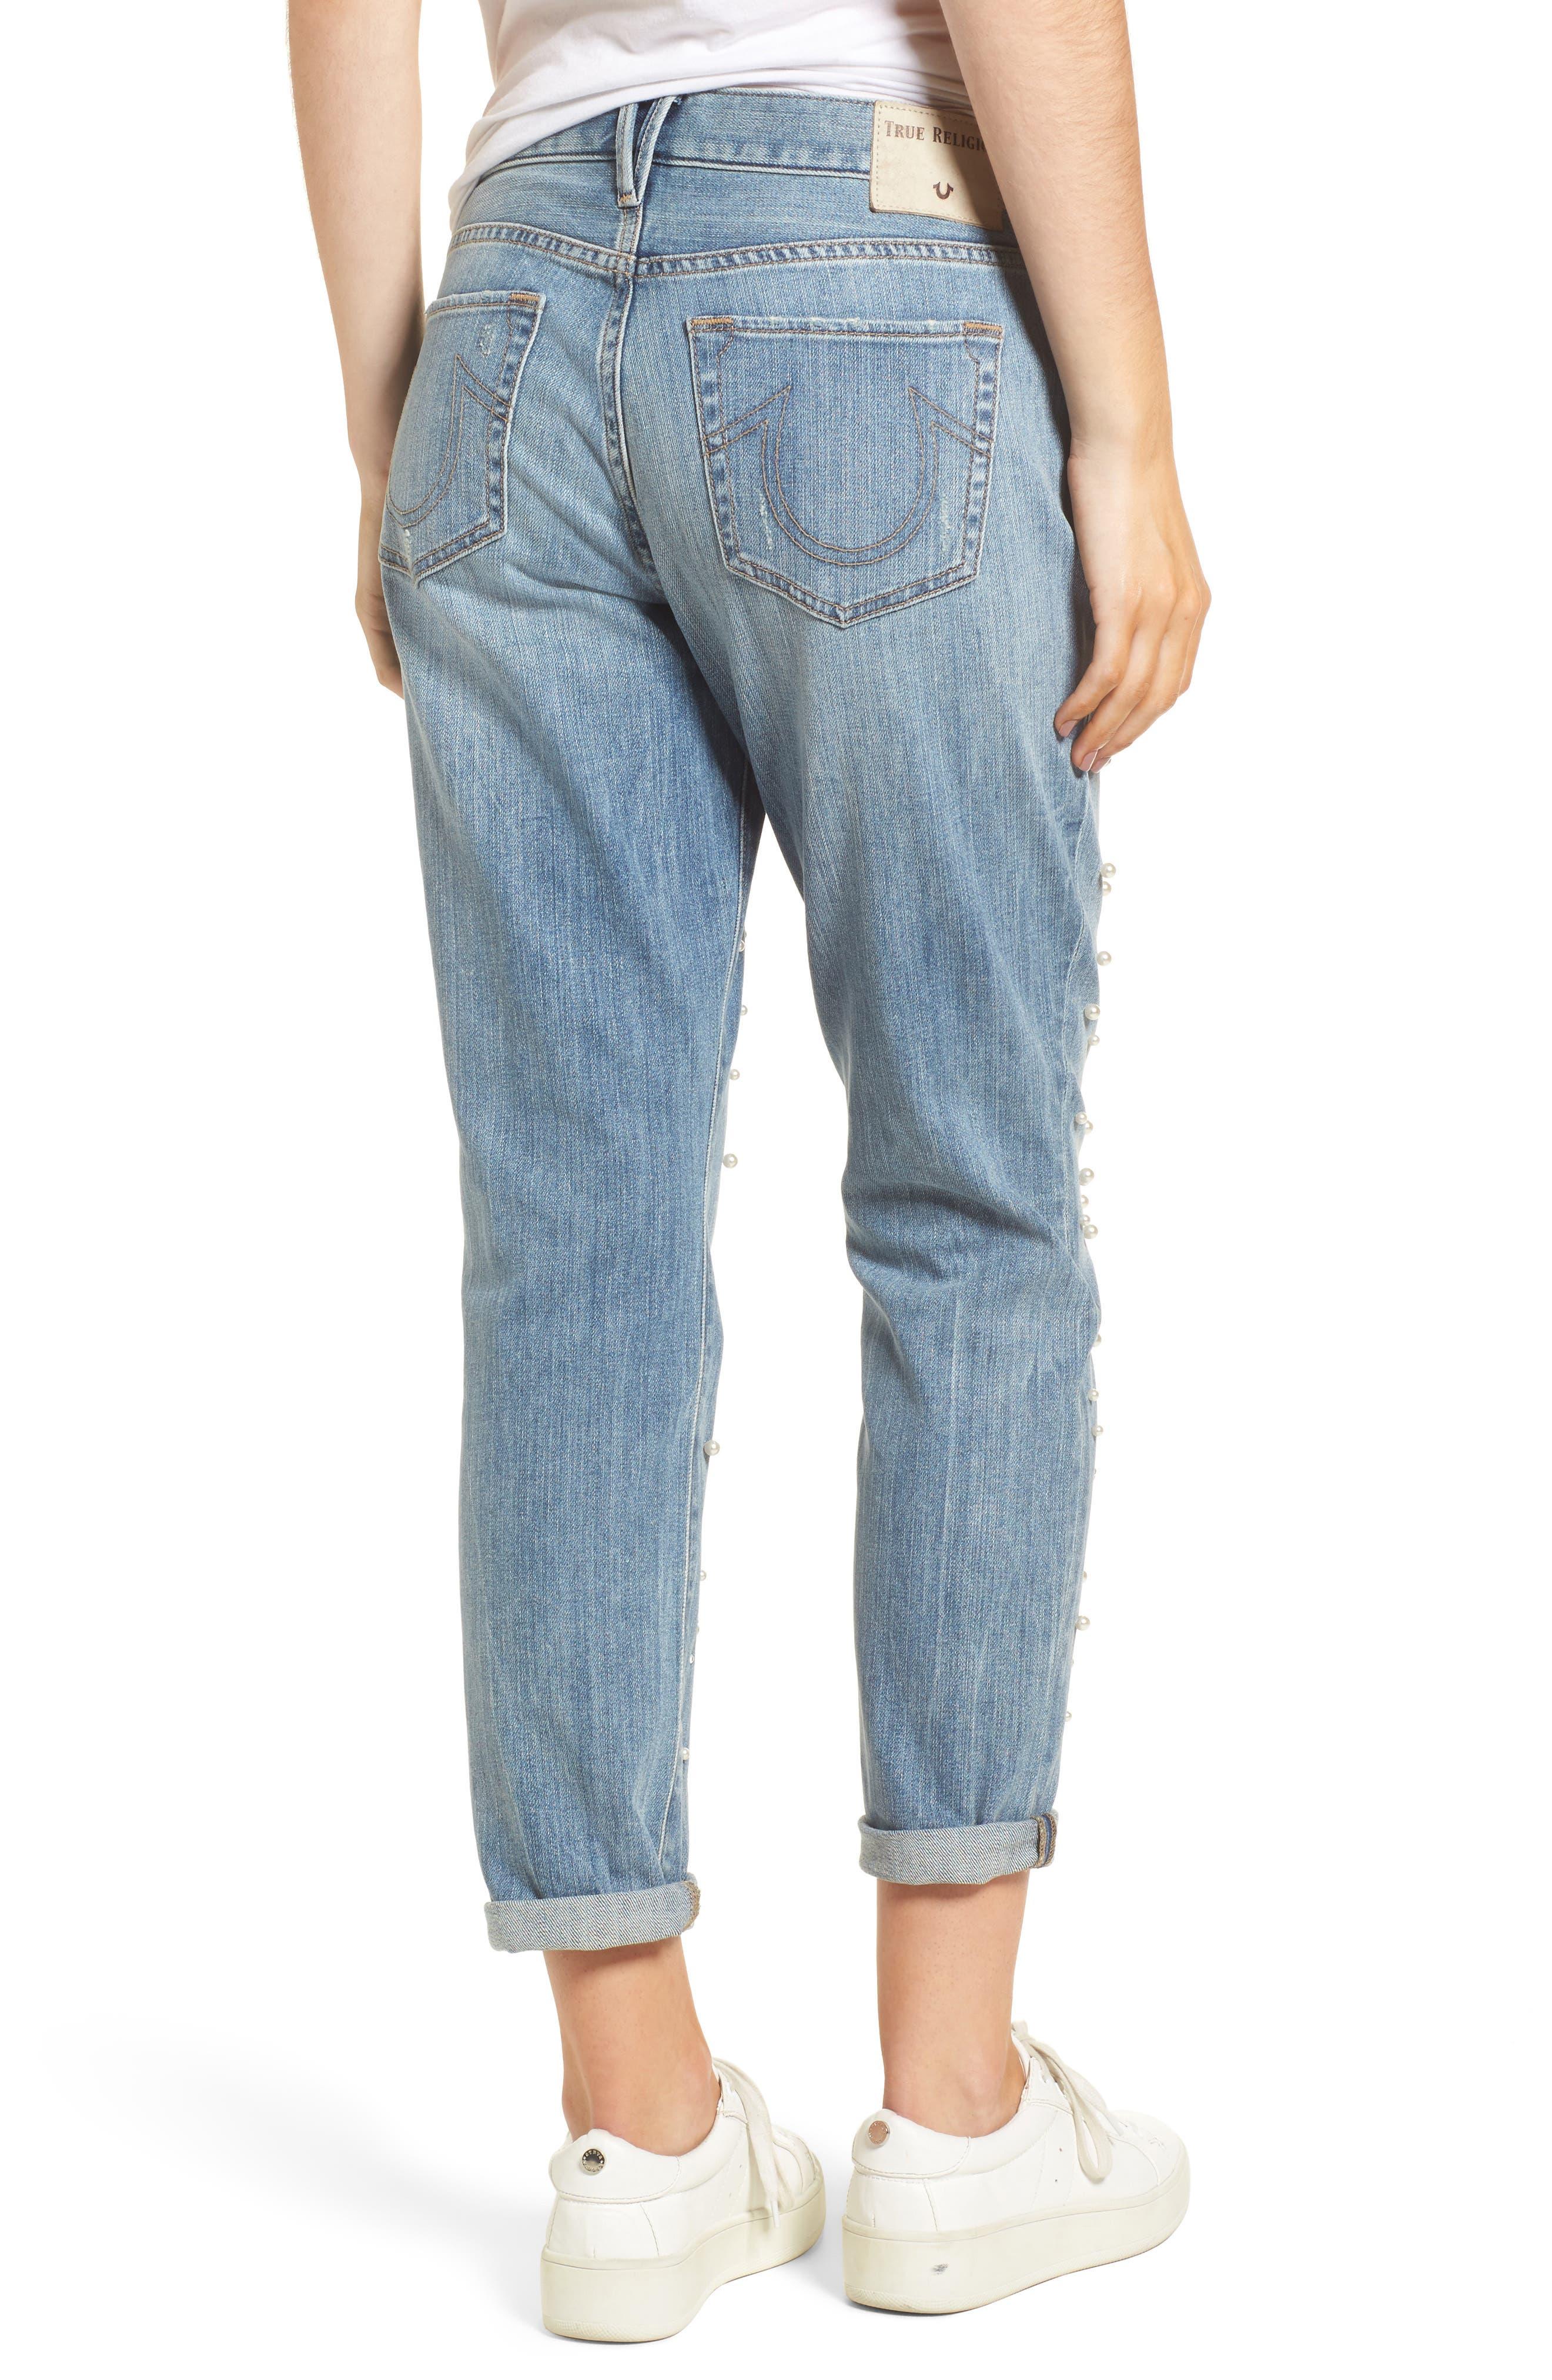 Cameron Slim Boyfriend Jeans,                             Alternate thumbnail 2, color,                             401